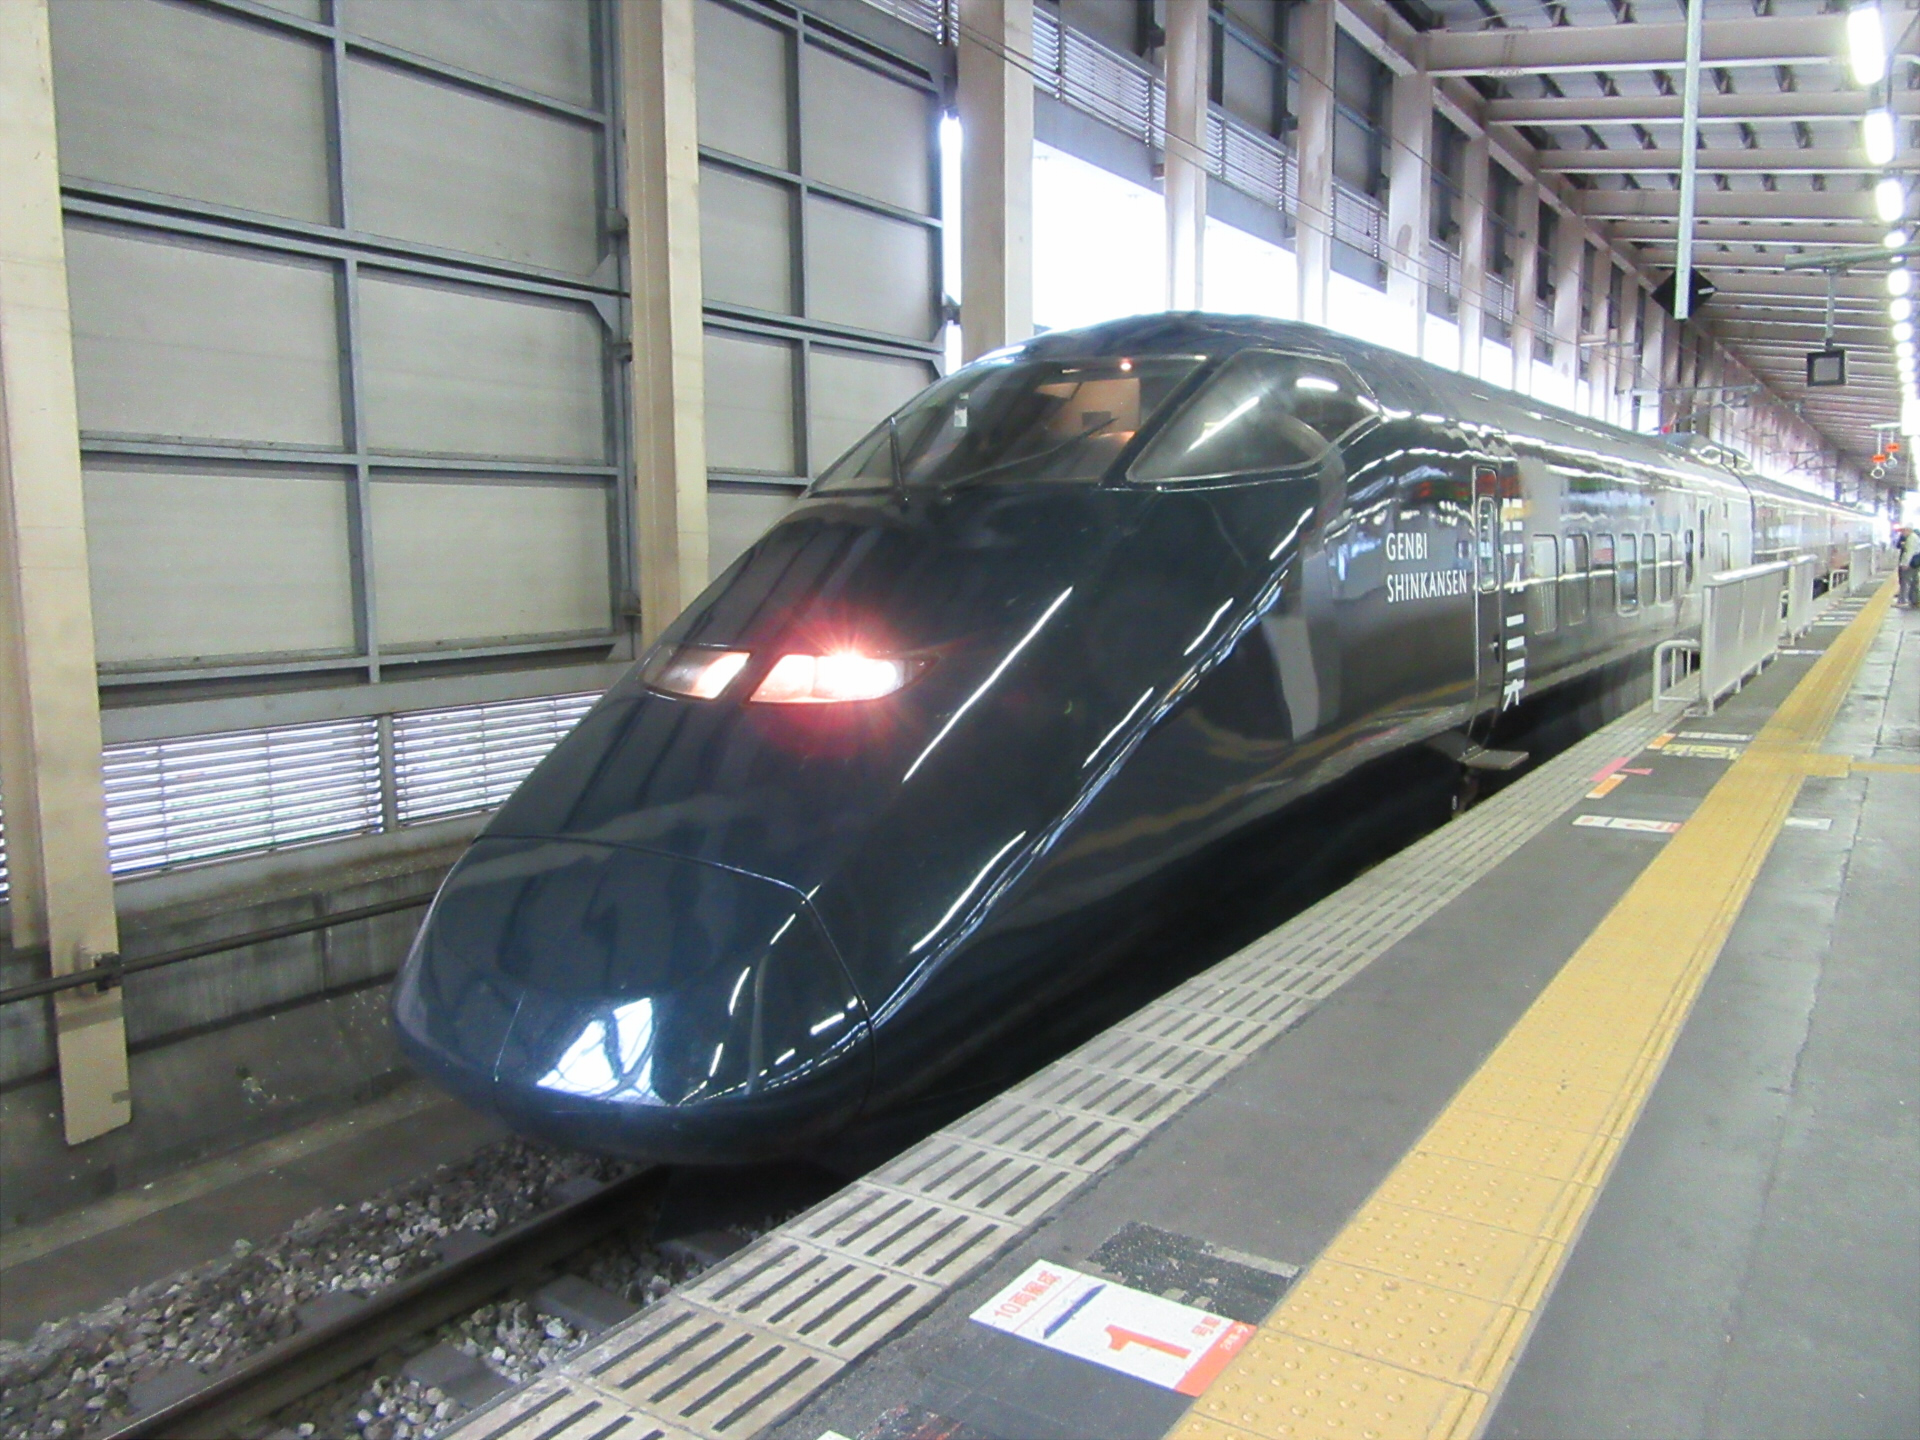 【画像】越後湯沢駅に停車中の現美新幹線